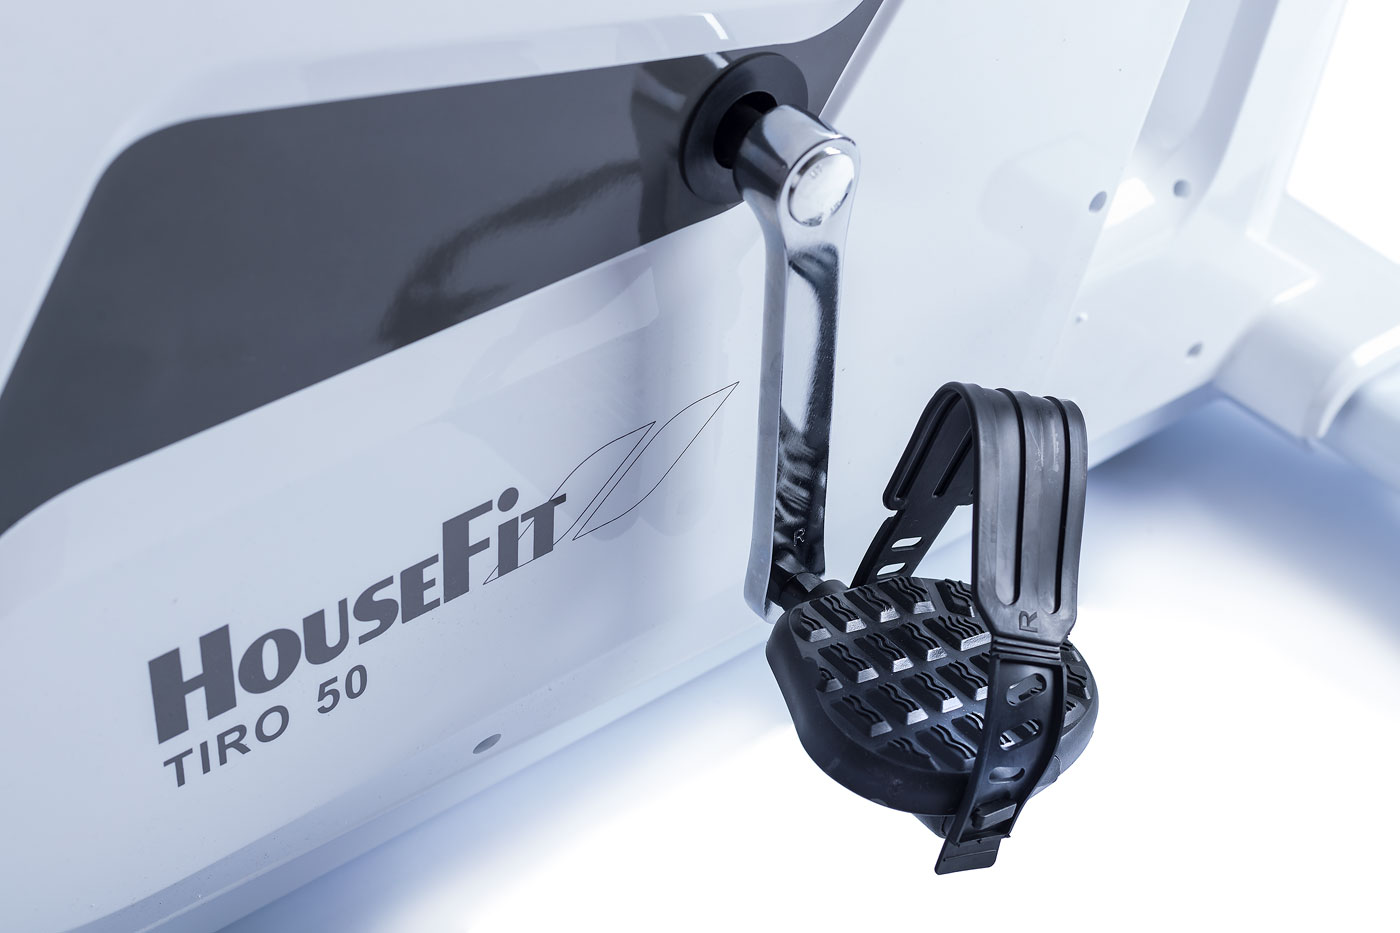 5e2023efc94c9_housefit.tiro.5012